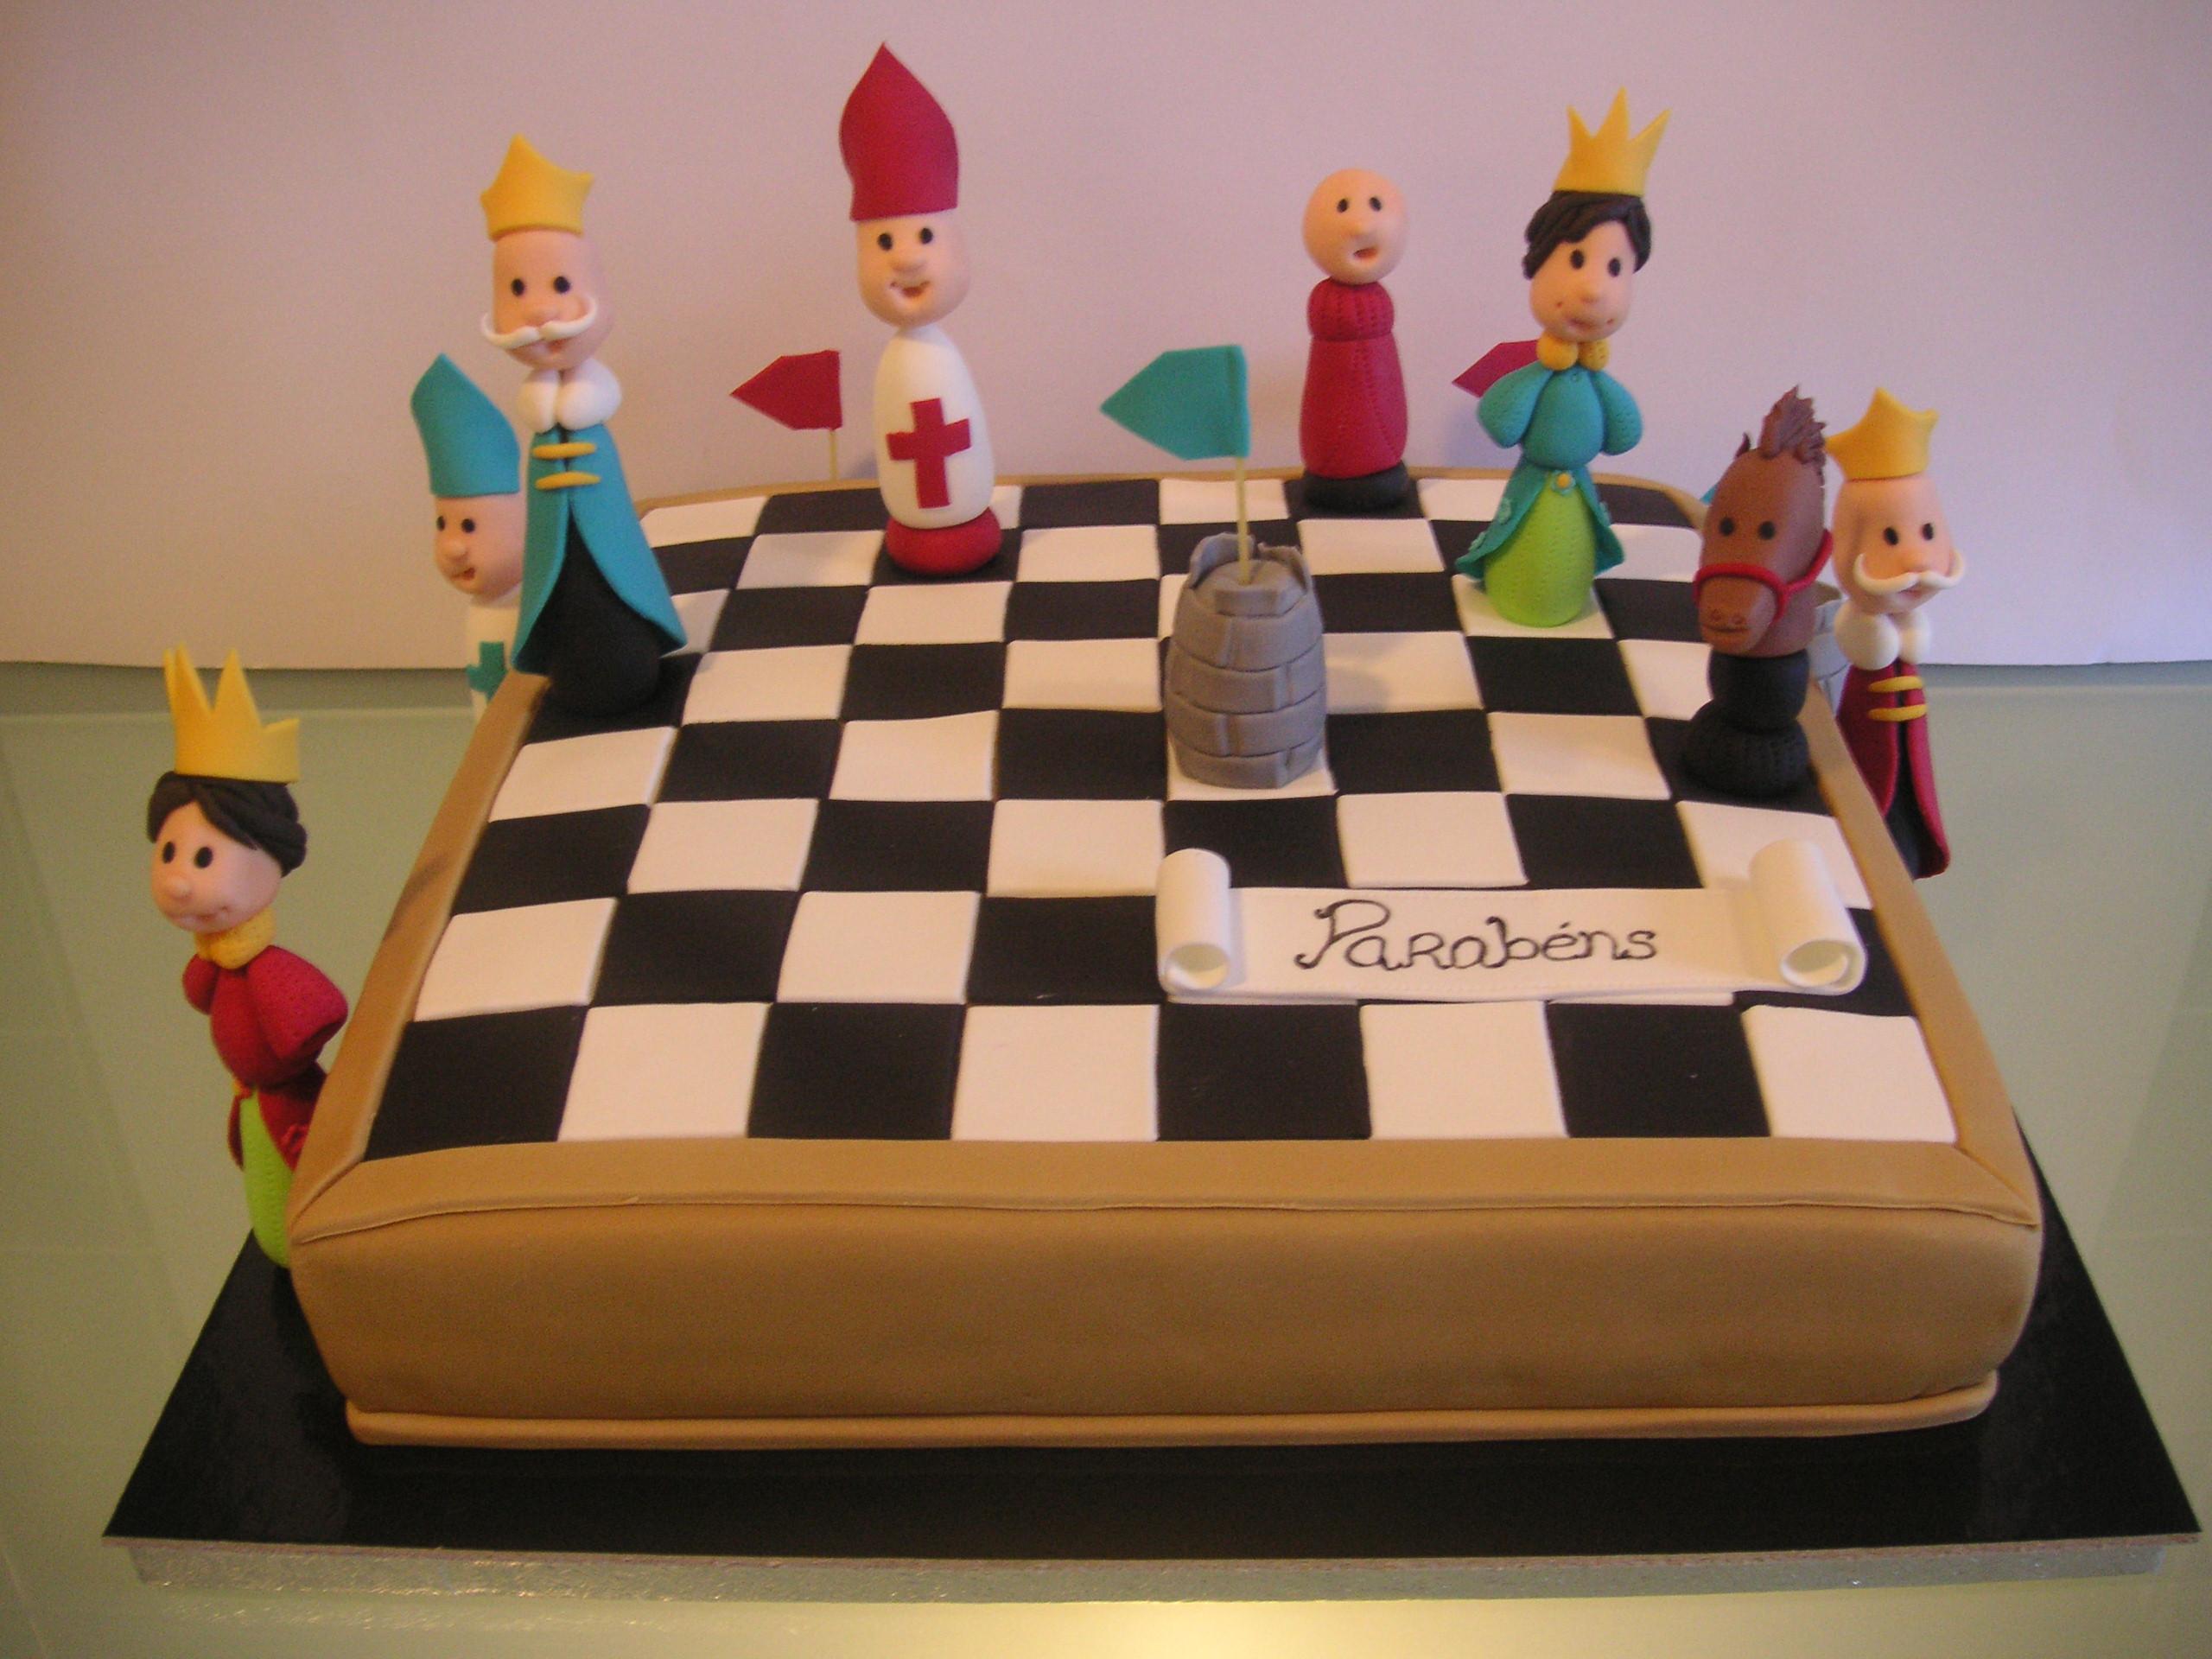 bolo de xadrez decorado